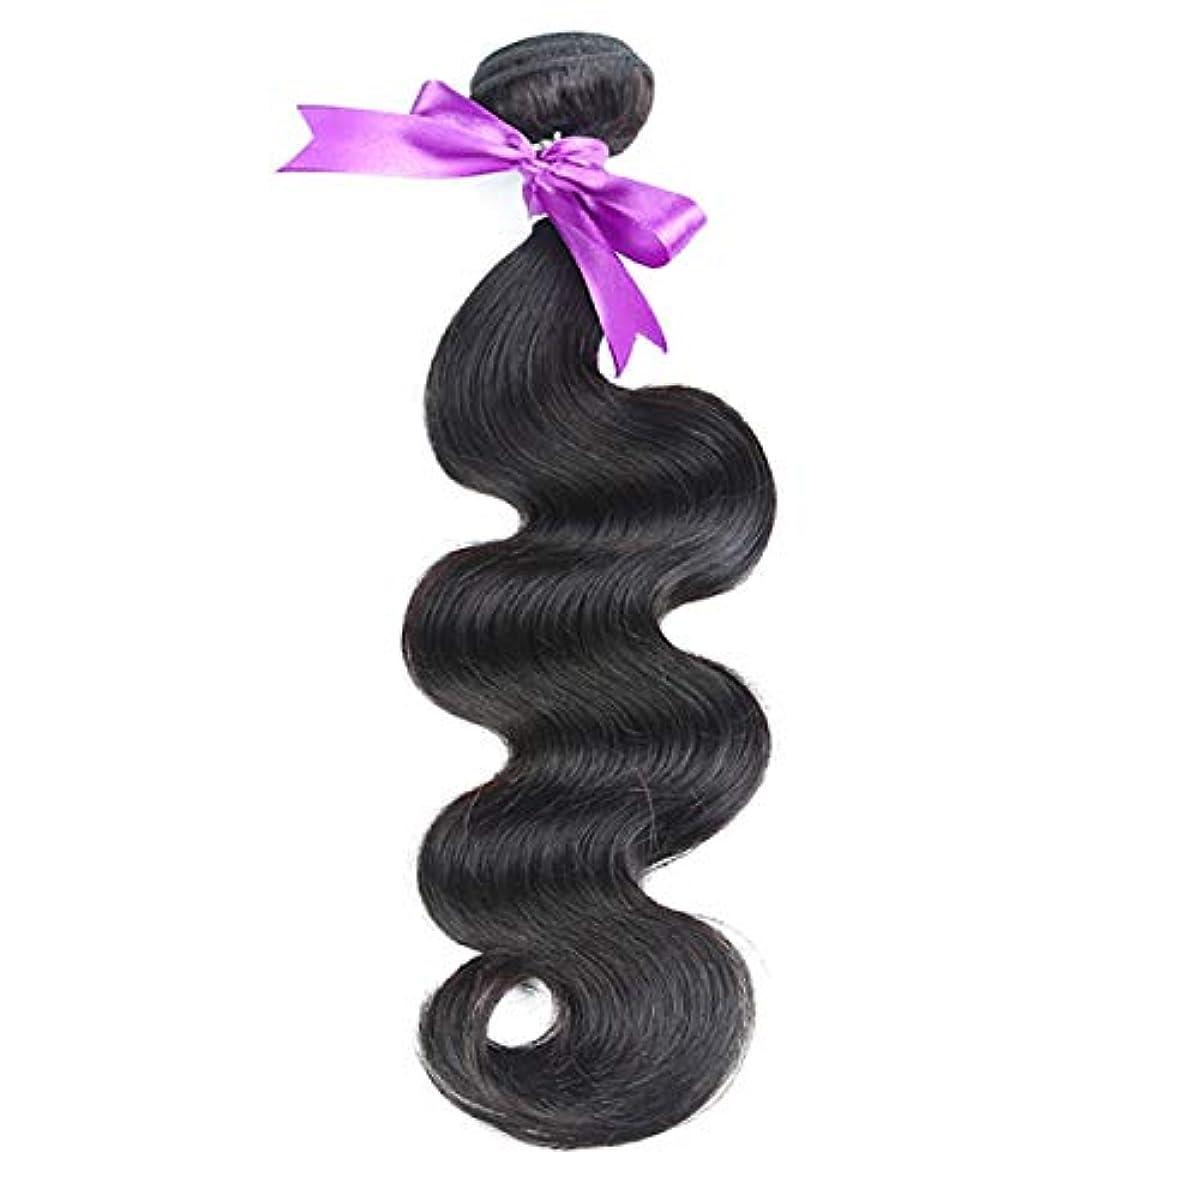 範囲こどもの宮殿手を差し伸べるペルーの髪織り実体波髪バンドル100%人間の髪織りナチュラルカラー非レミー髪8-30インチ1ピース かつら (Stretched Length : 18inches)